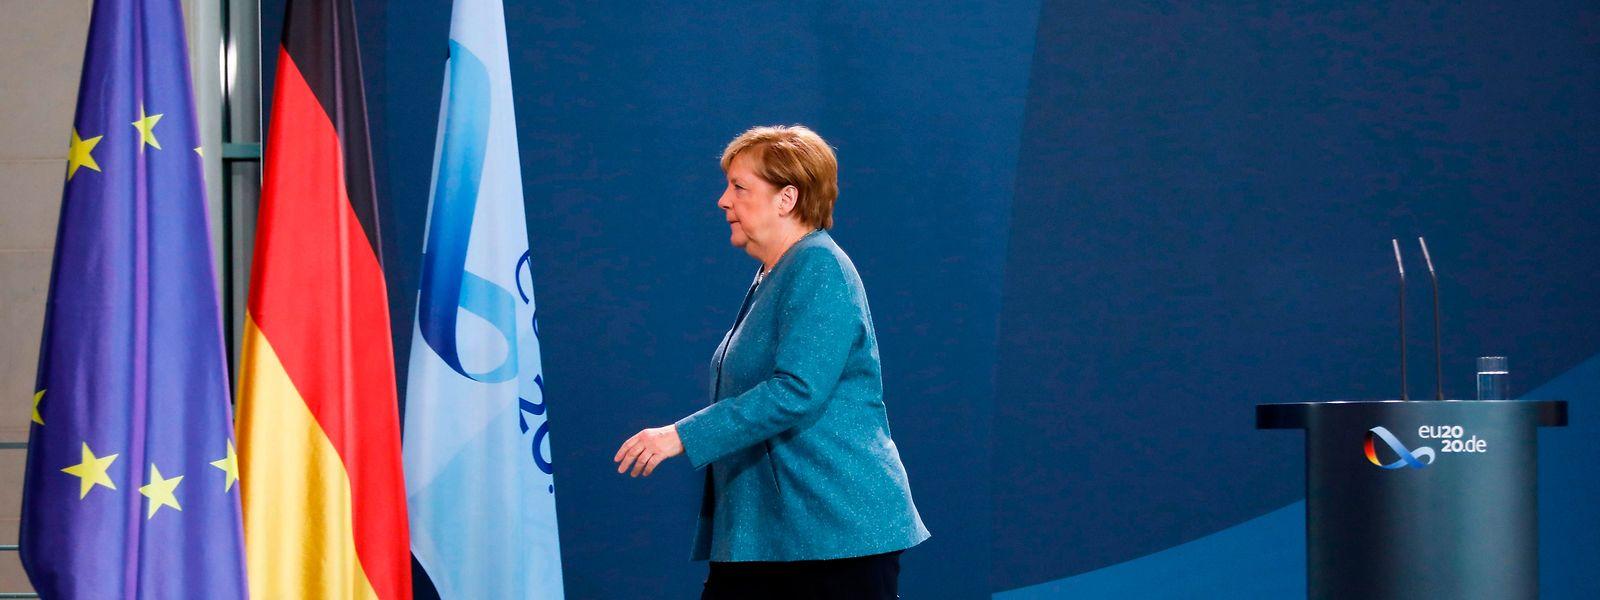 """""""Es gibt eine dunkle Seite von Merkels Führung in Europa"""", sagen die Politologen Matthias Matthijs und R. Daniel Kelemen."""